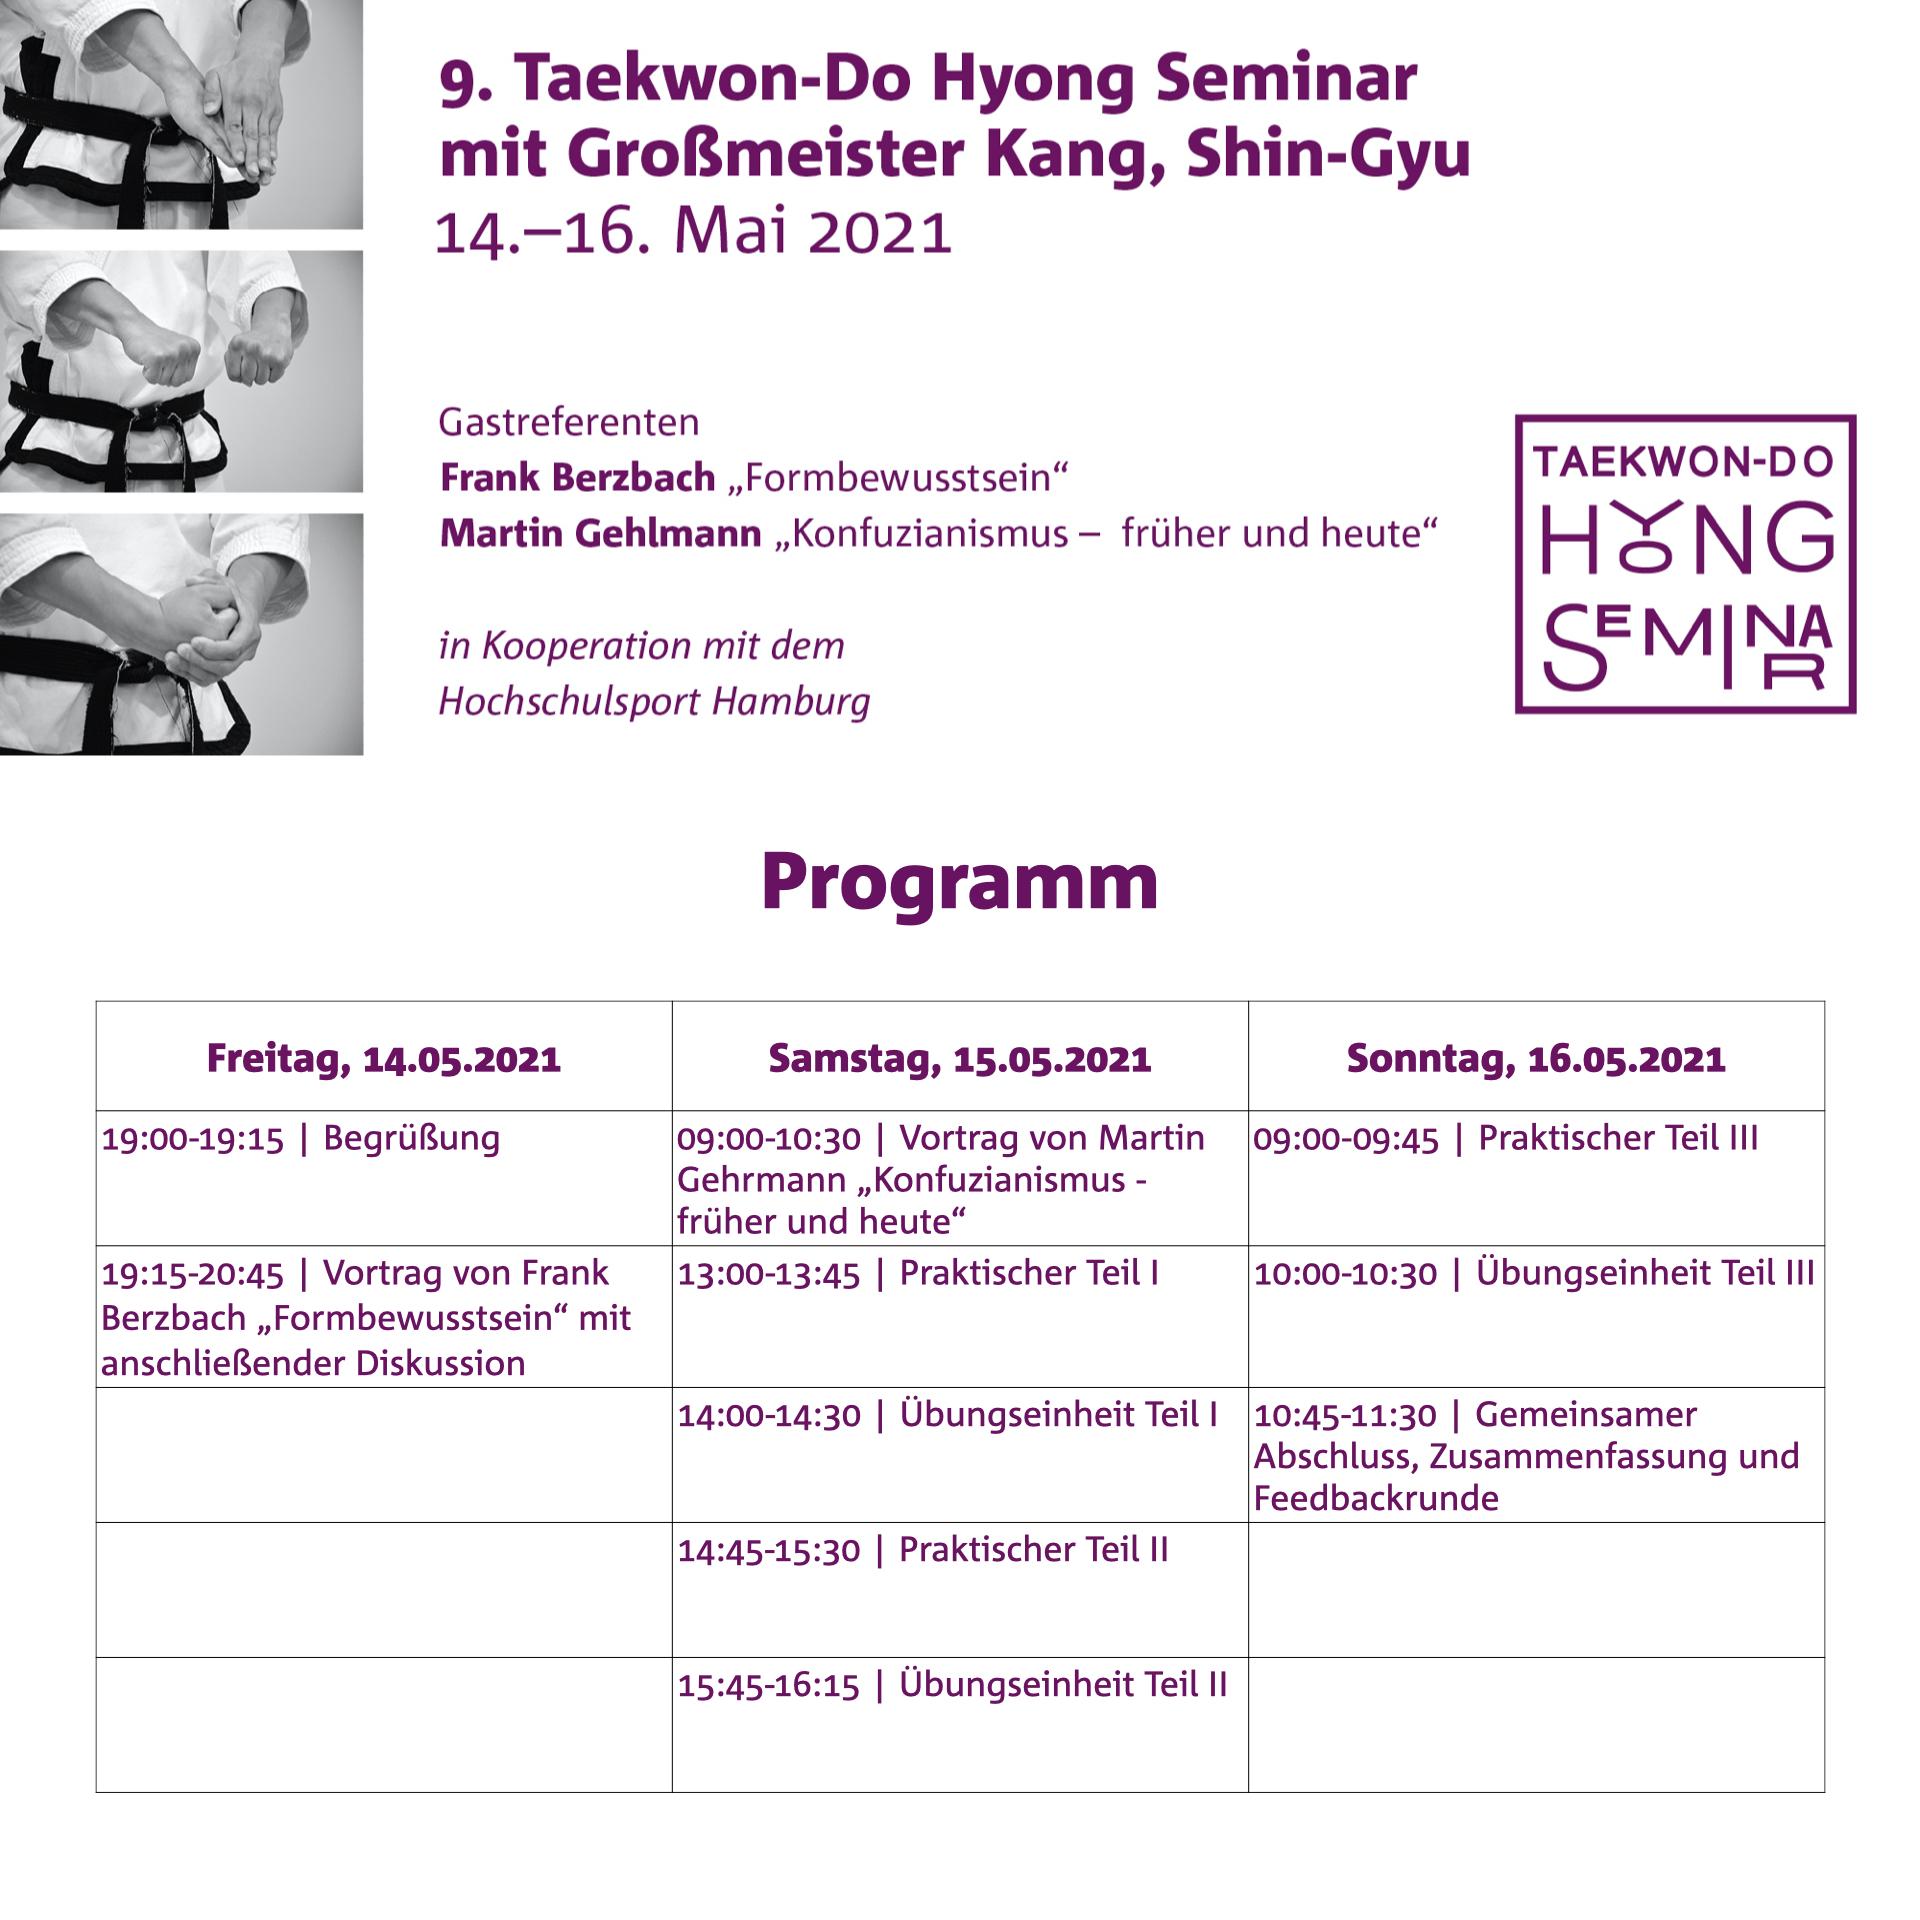 Programm ist online | 9. Taekwon-Do Hyong Seminar